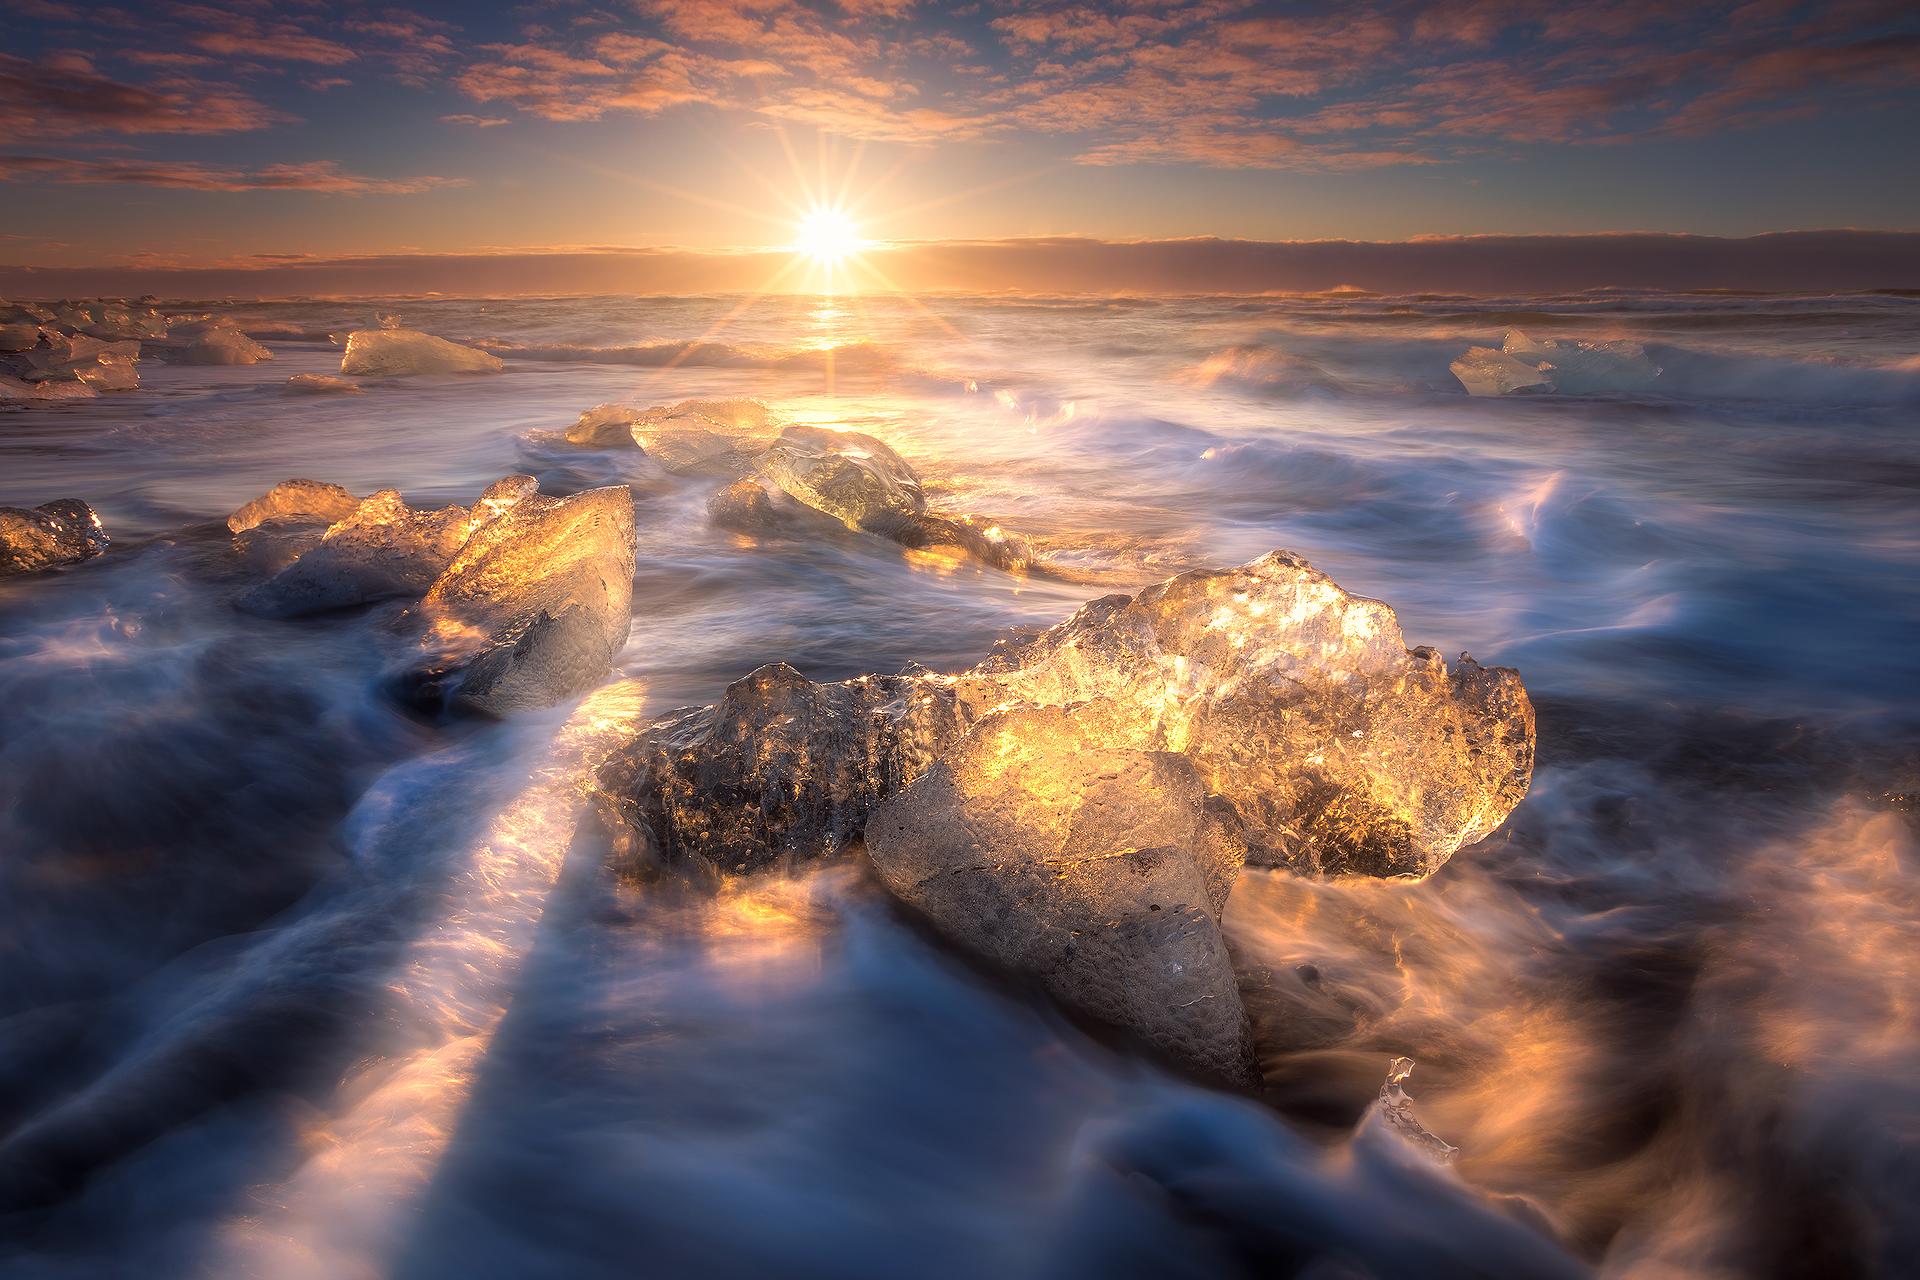 Les icebergs s'échouent à la Plage de Diamants, sur la côte sud de l'Islande.